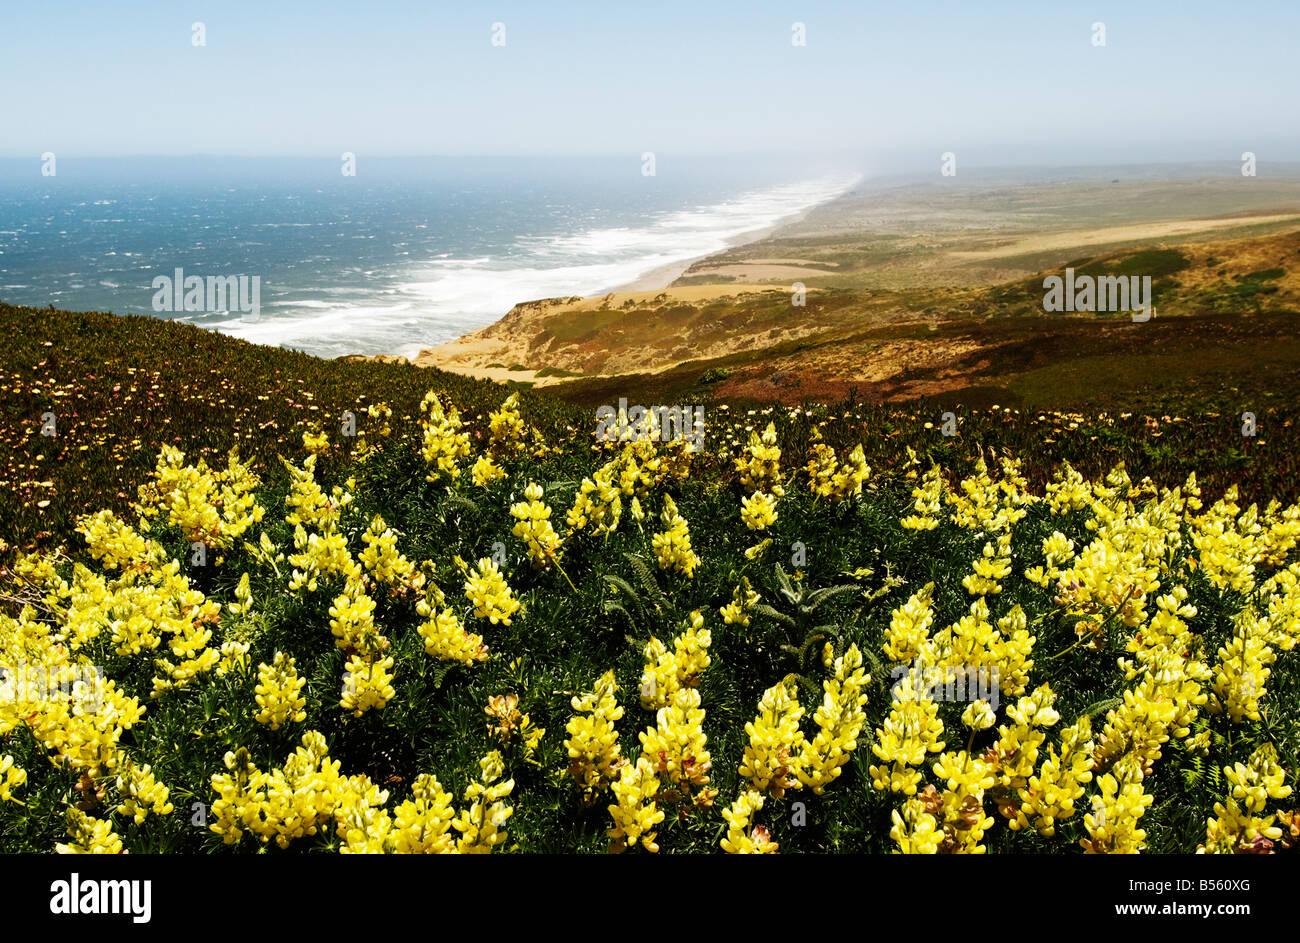 La Californie San Francisco lupin jaune fleurs sauvages à Point Reyes dans le comté de Marin. Photo Stock